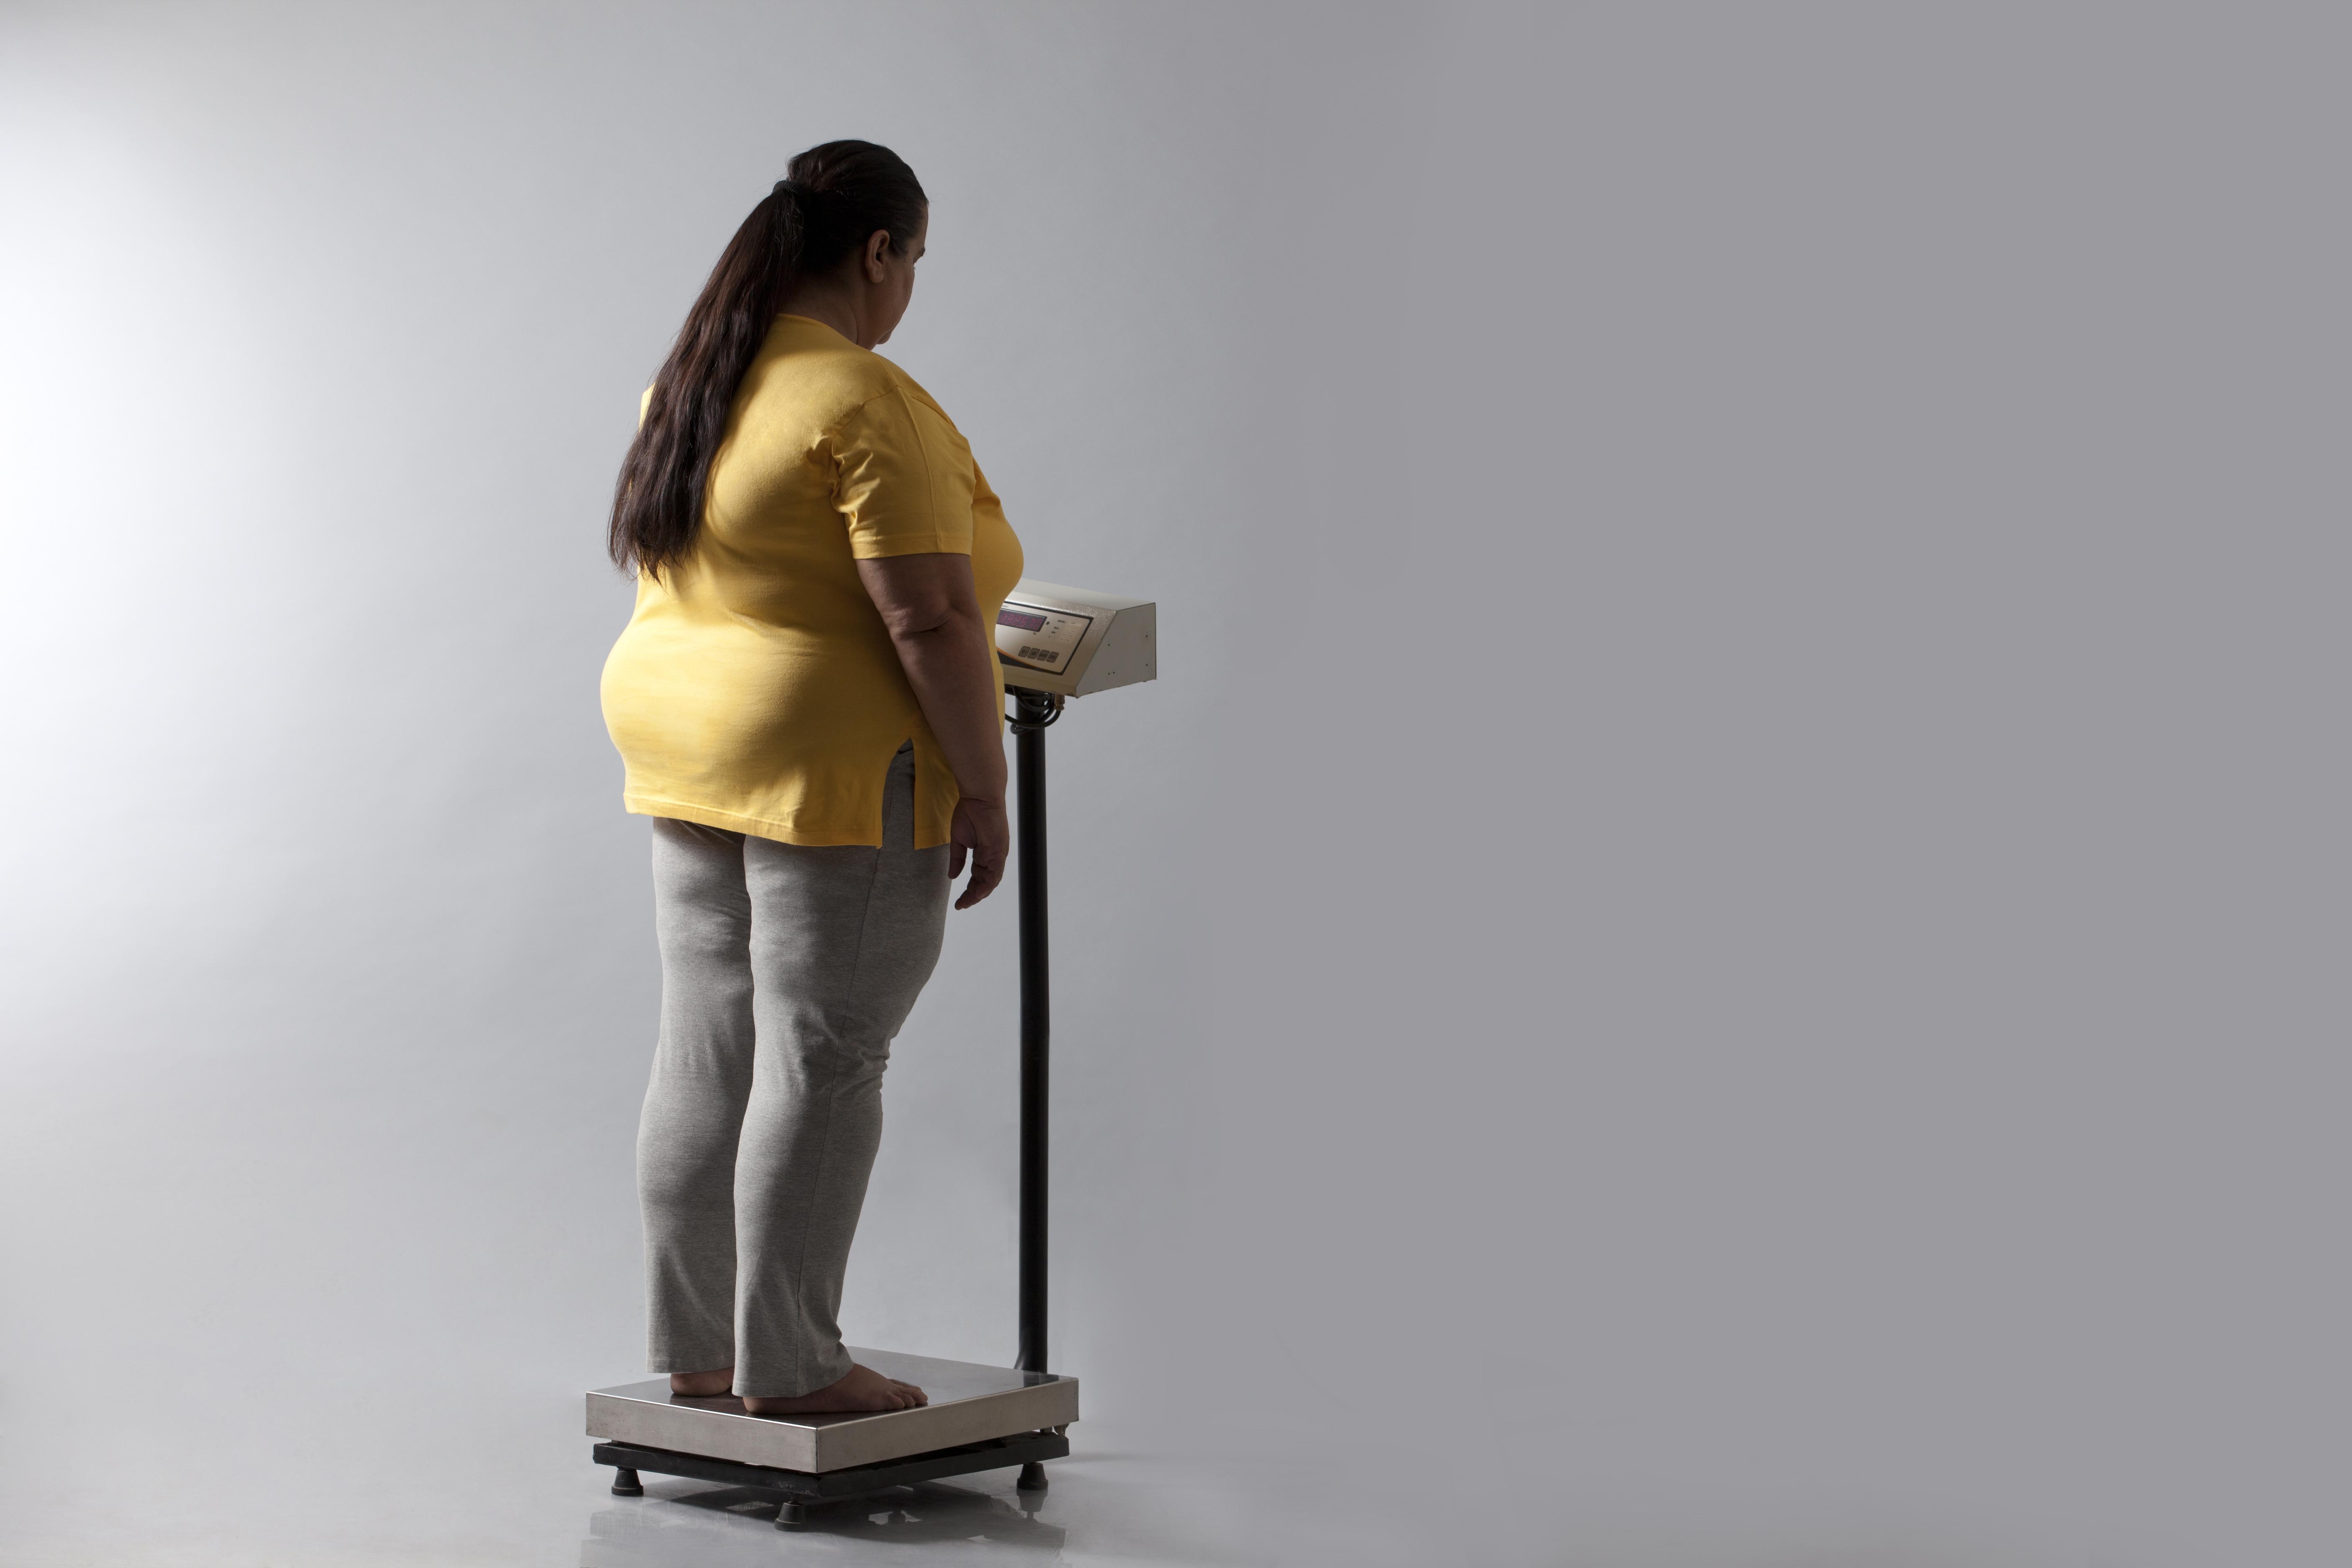 290 de kilograme omul pierde in greutate